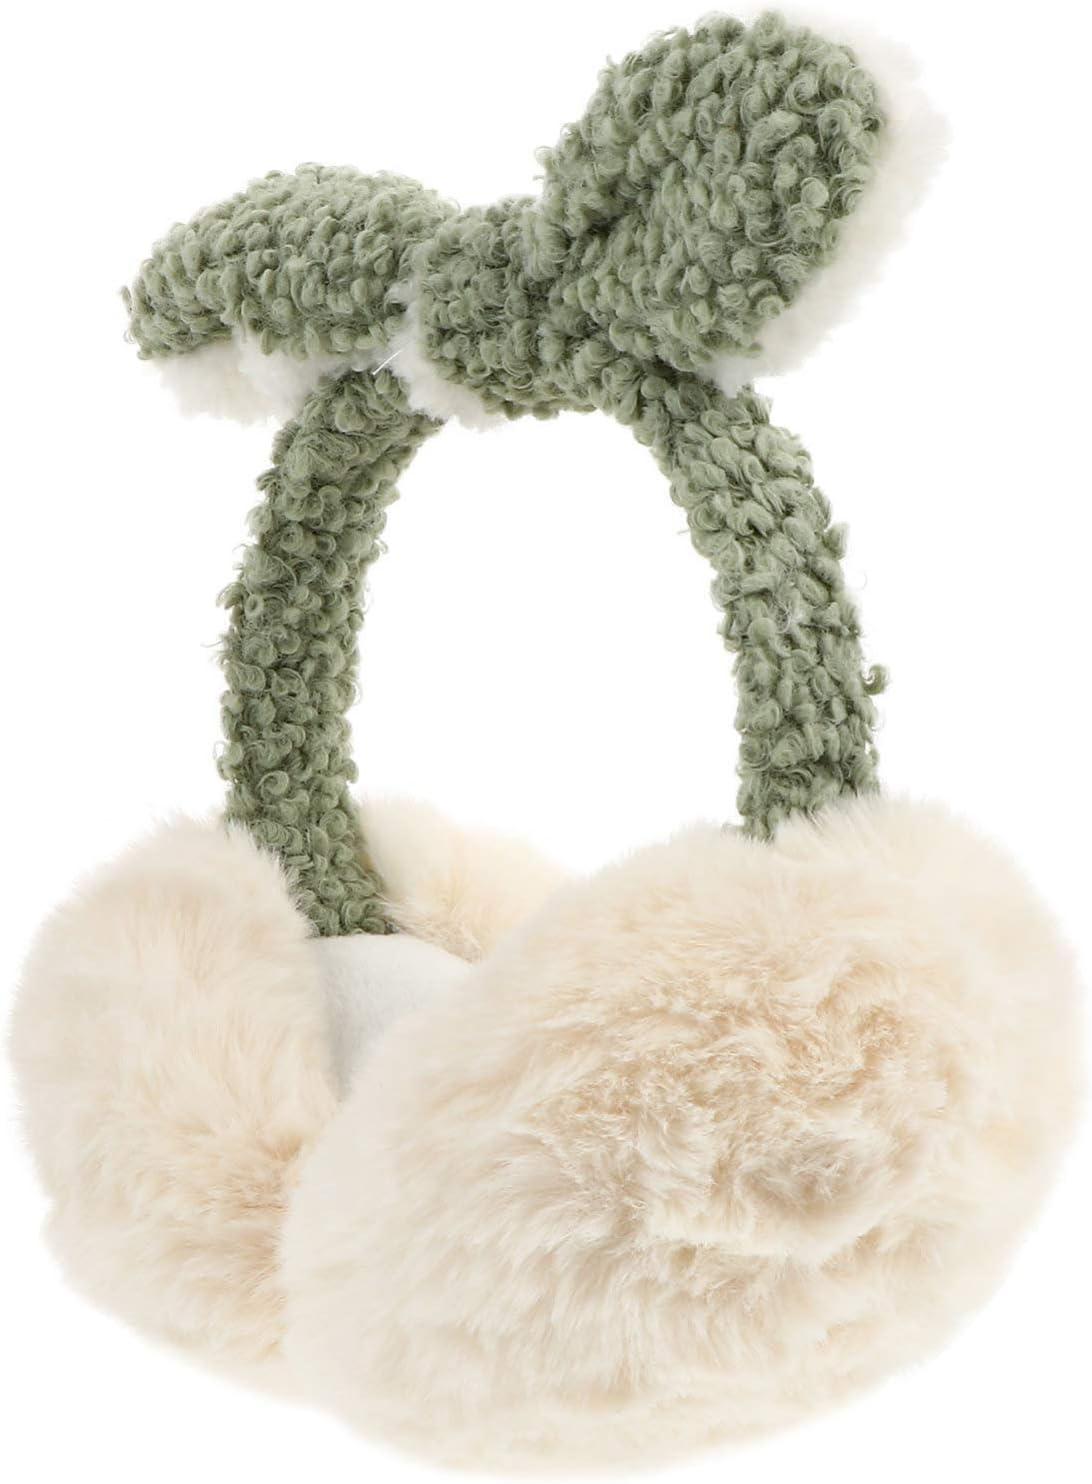 NUOBESTY Winter Earmuffs Ear Warmers Cover Headband for Women Men Outdoor Sports Cold Weather Beige